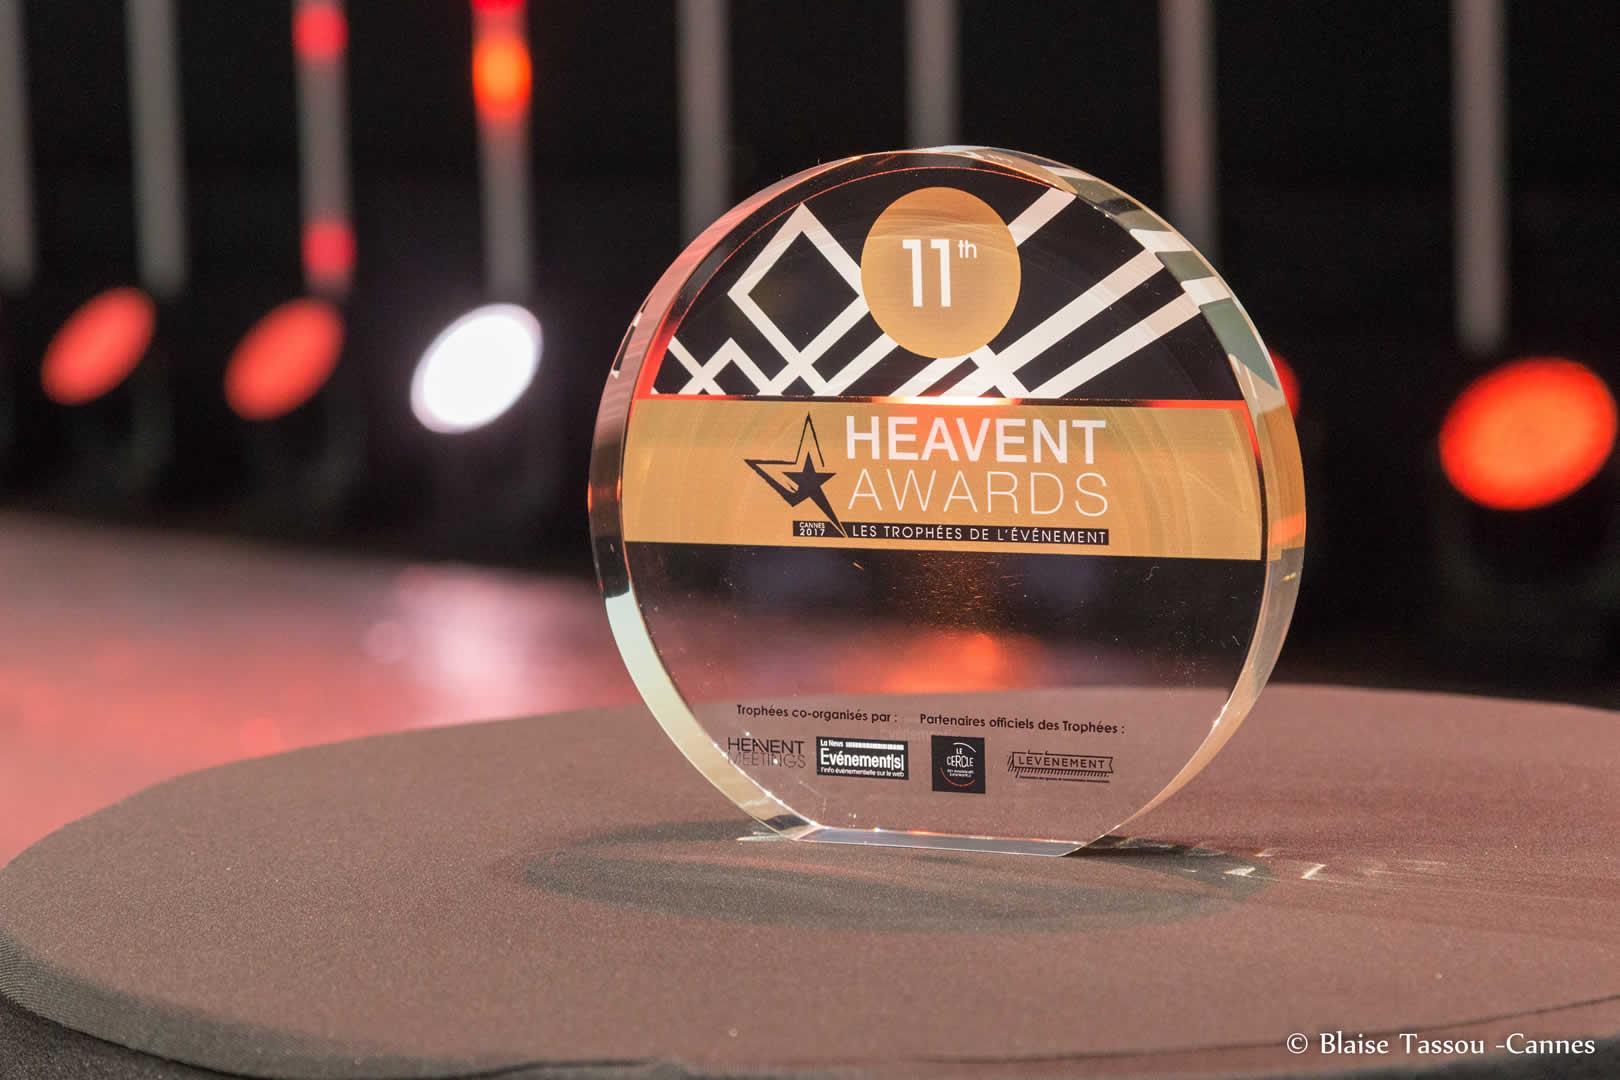 Visuel Novelty partenaire des Heavent Awards et de Weyou sur Heavent Meetings 2017